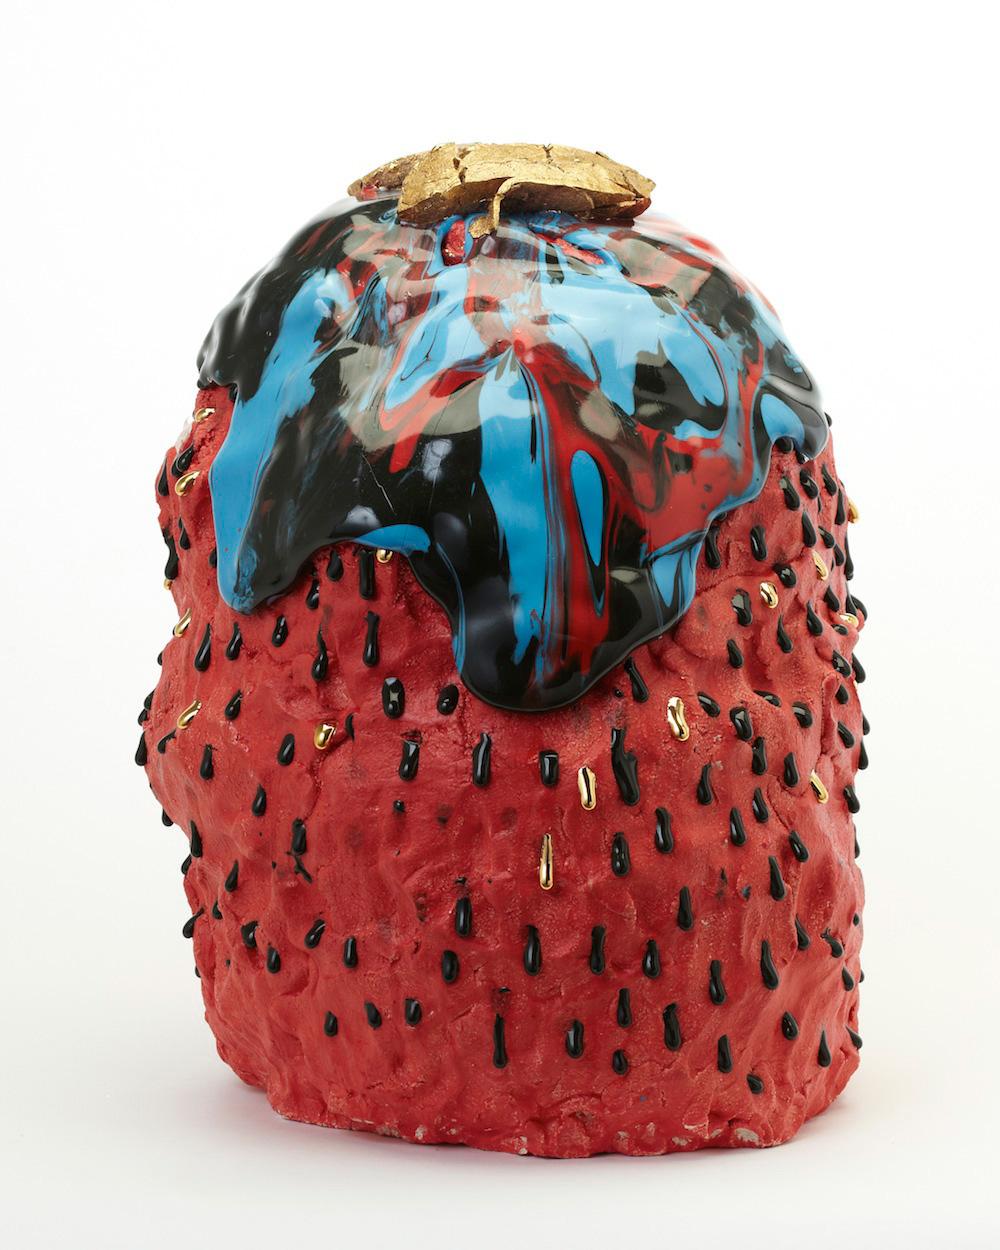 Radical Pottery by Takuro Kuwata | Yellowtrace